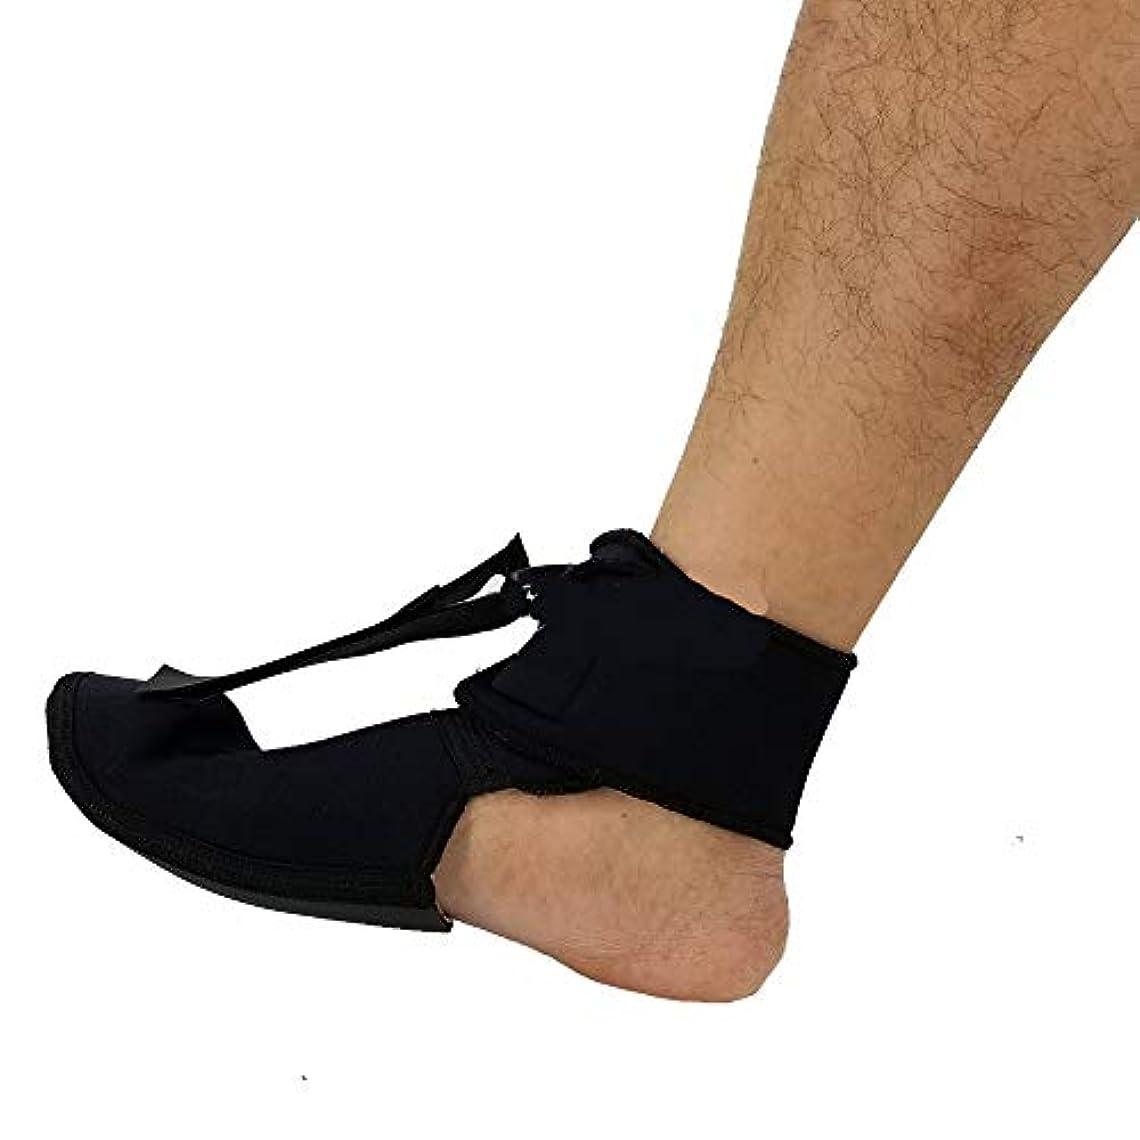 クランプ忌まわしい上に築きます足底筋膜炎ナイトソックス、睡眠用ソフトストレッチブーツスプリント、アキレス腱炎フットサポートブレース&ヒールコンプレッションスリーブ,M